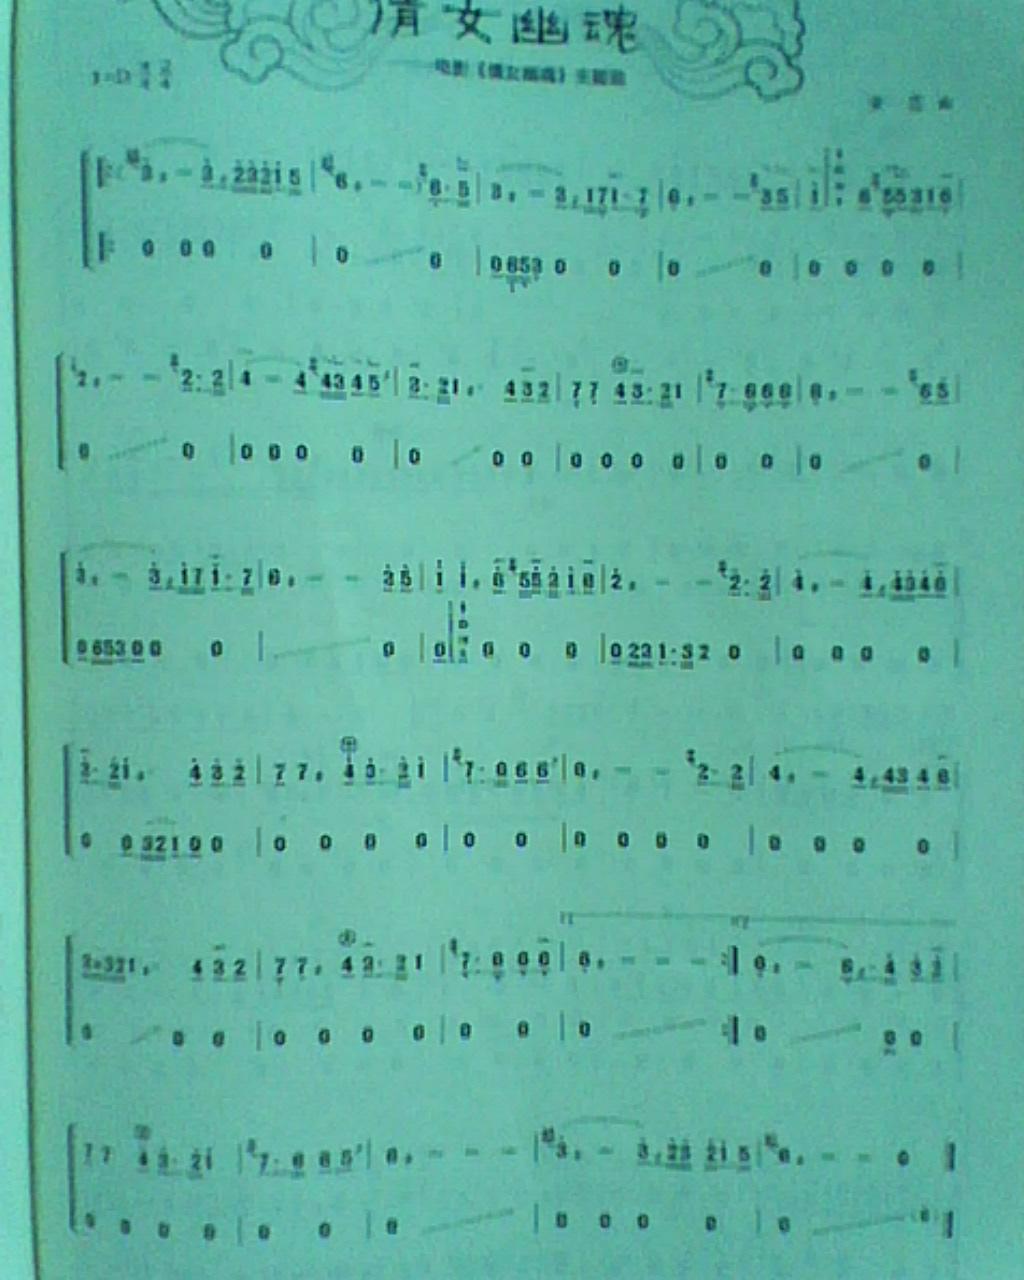 我有古筝的曲谱,希望可以帮你